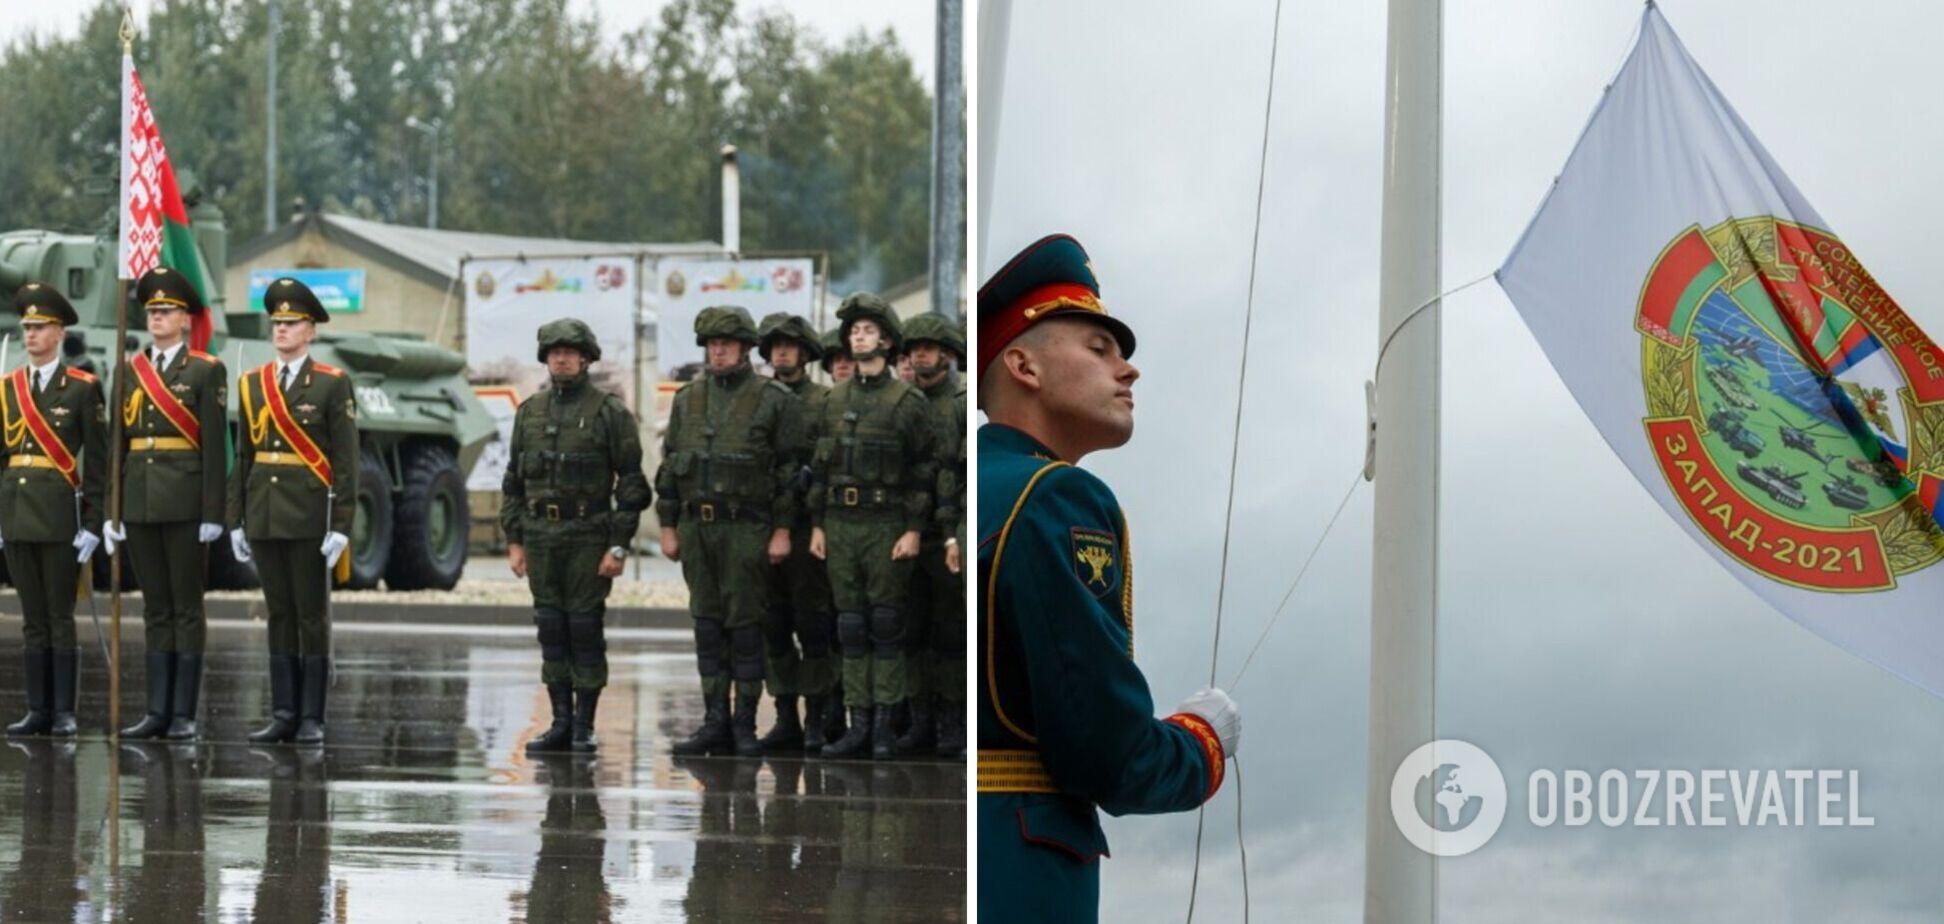 Росія і Білорусь почали військові навчання 'Захід-2021' біля українського кордону. Фото